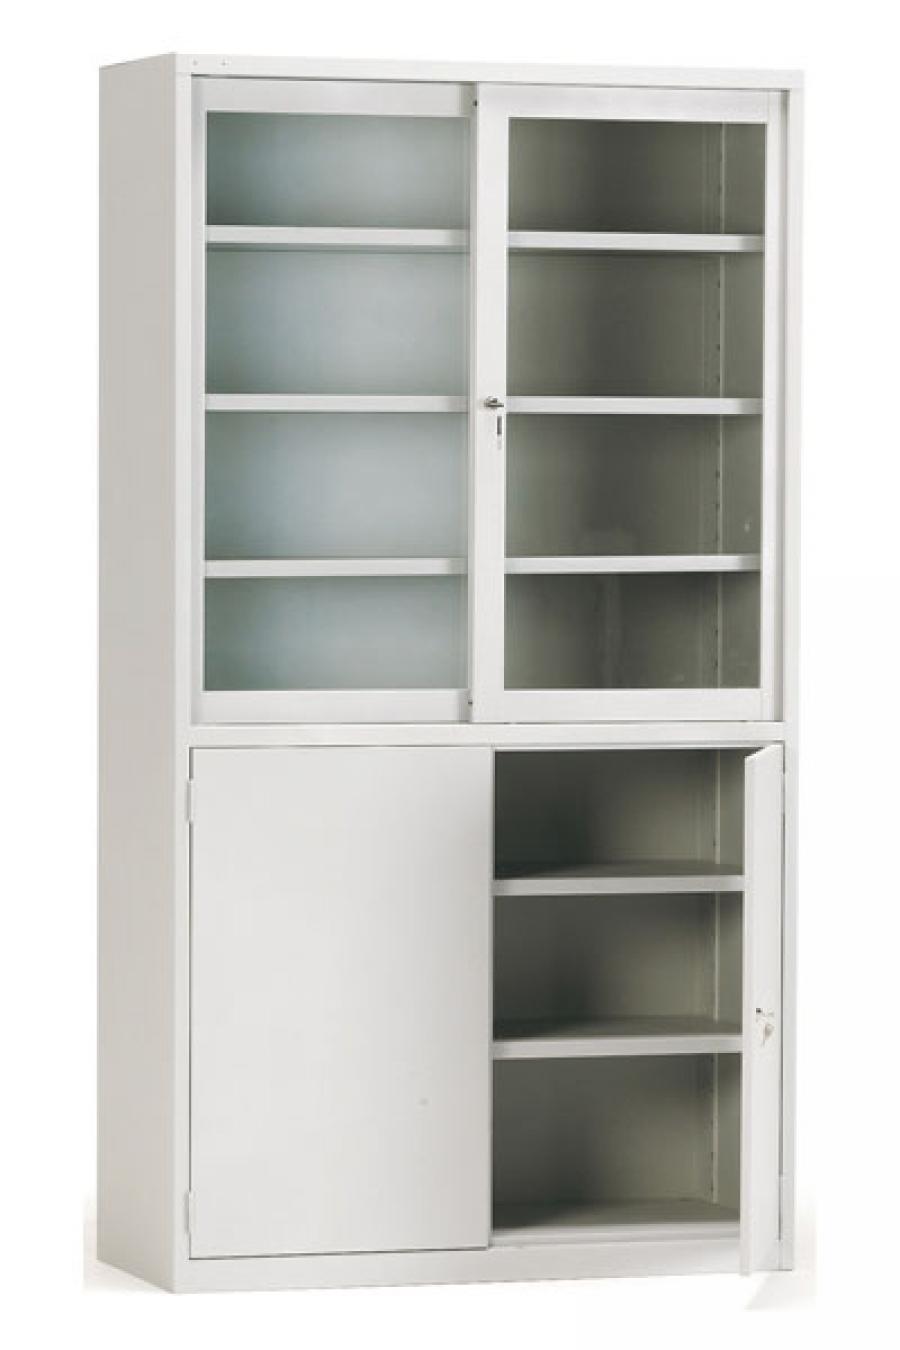 Armarios con puertas de cristal - Puertas de cristal para armarios ...